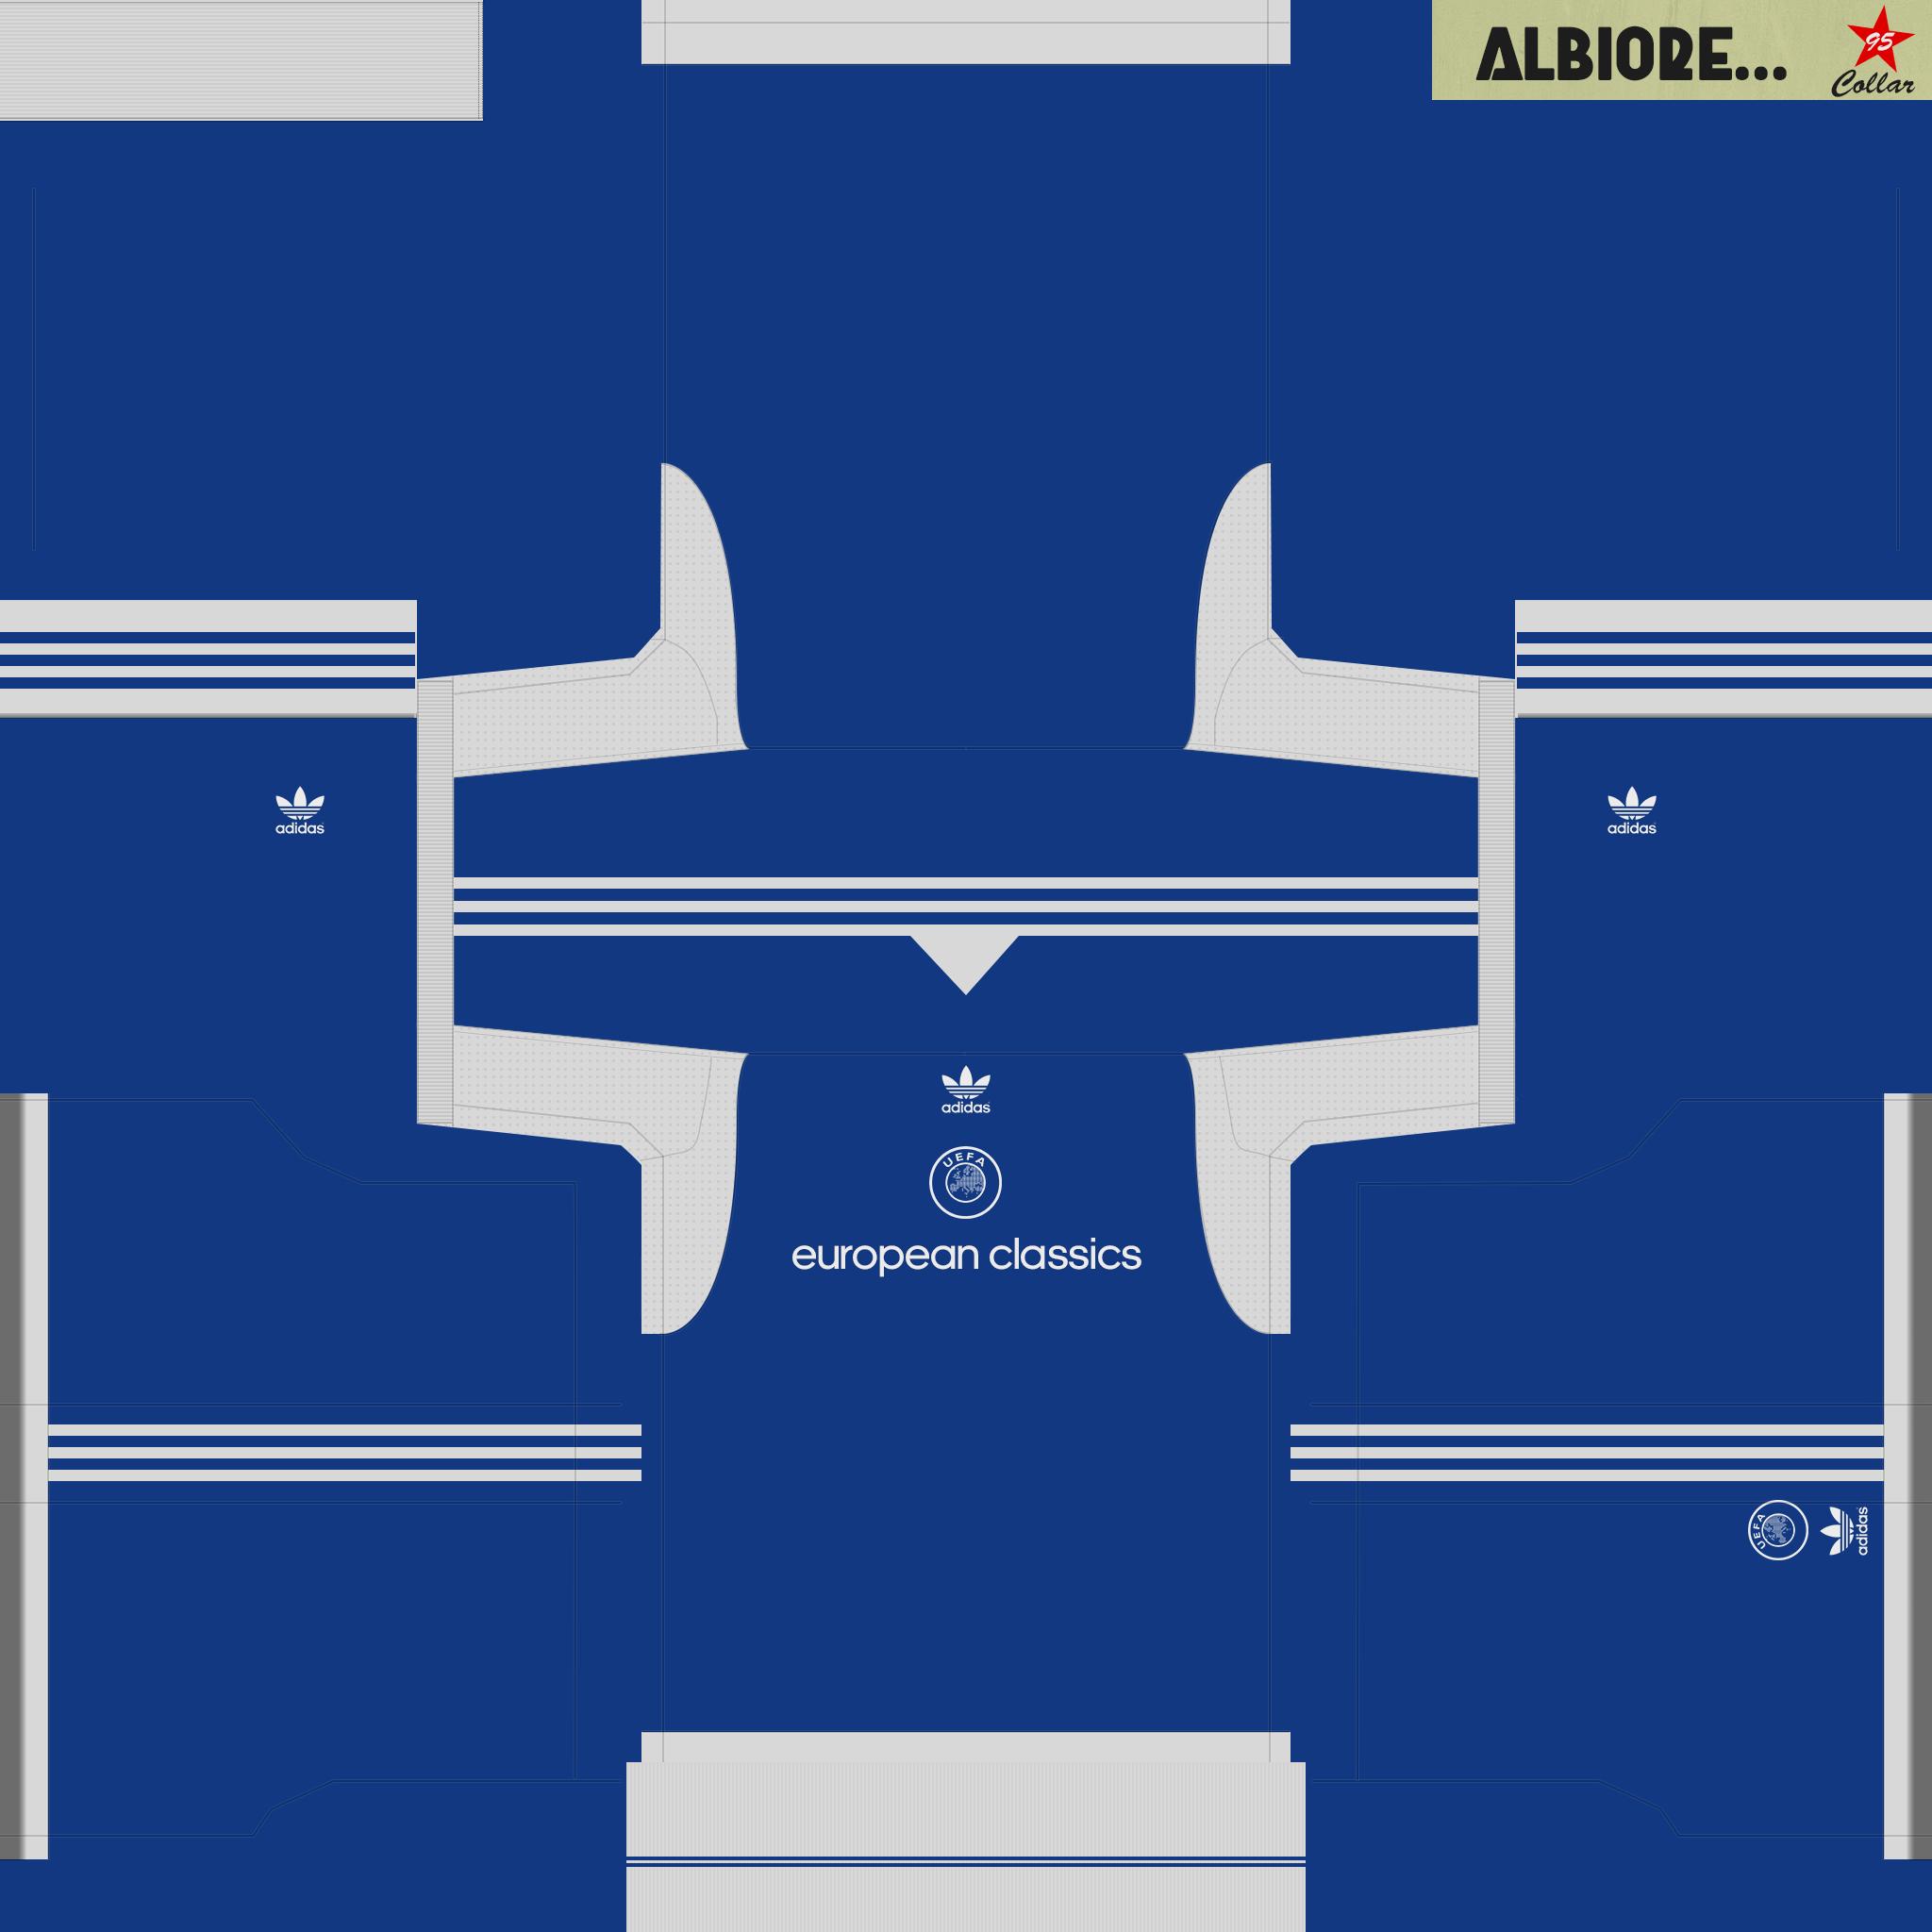 Albiore Ps4 Kits Tapatalk